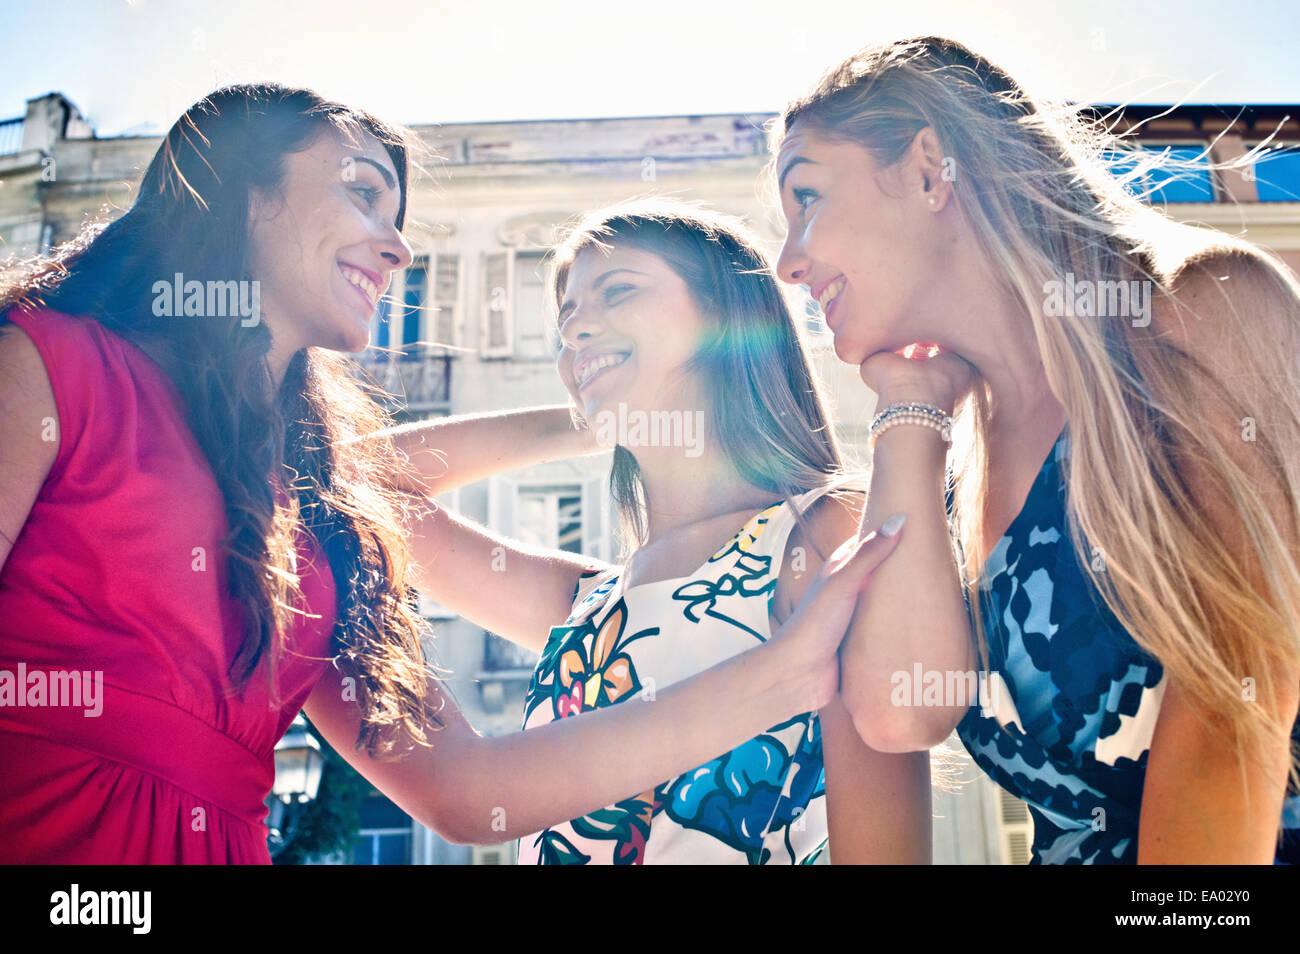 Tres jóvenes amigas charlando en la calle, Cagliari, Cerdeña, Italia Imagen De Stock